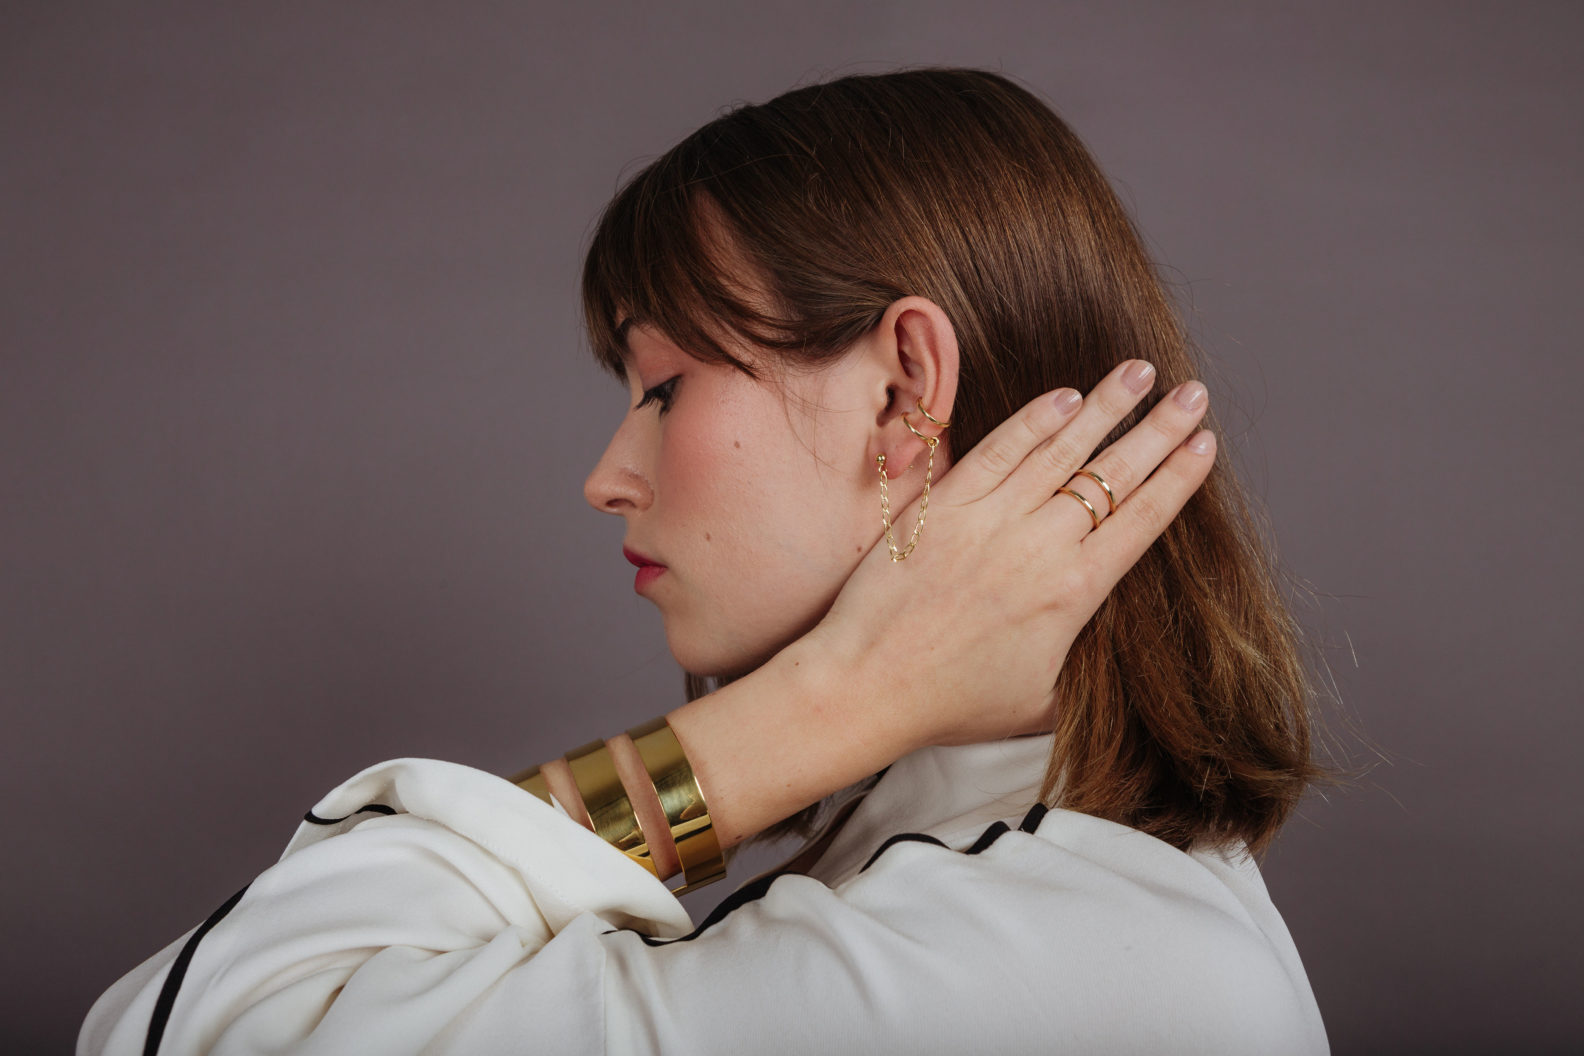 bague-boucle-earring-vermeil-ring-davila-createur-de-bijoux-jewels-designeraffaires-etrangeres